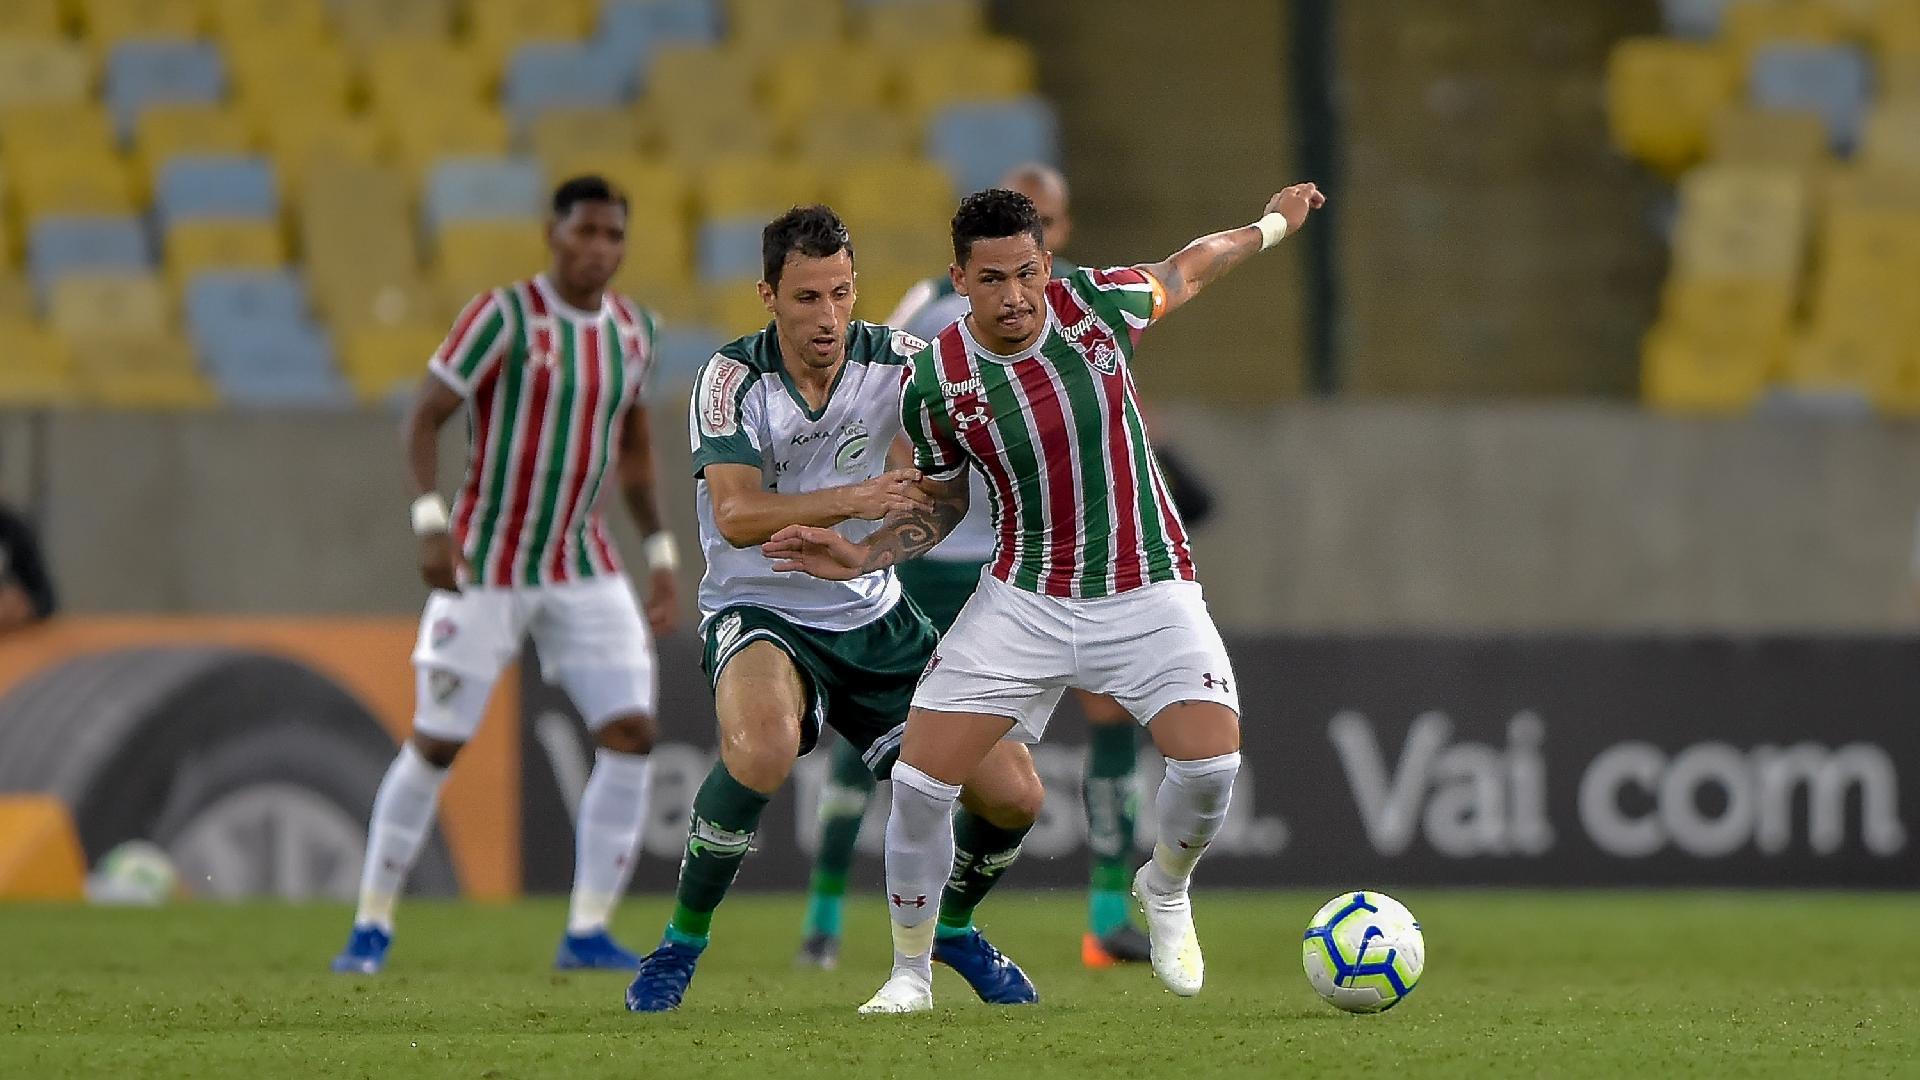 Luciano, do Fluminense, durante partida contra o Luverdense pela Copa do Brasil 2019